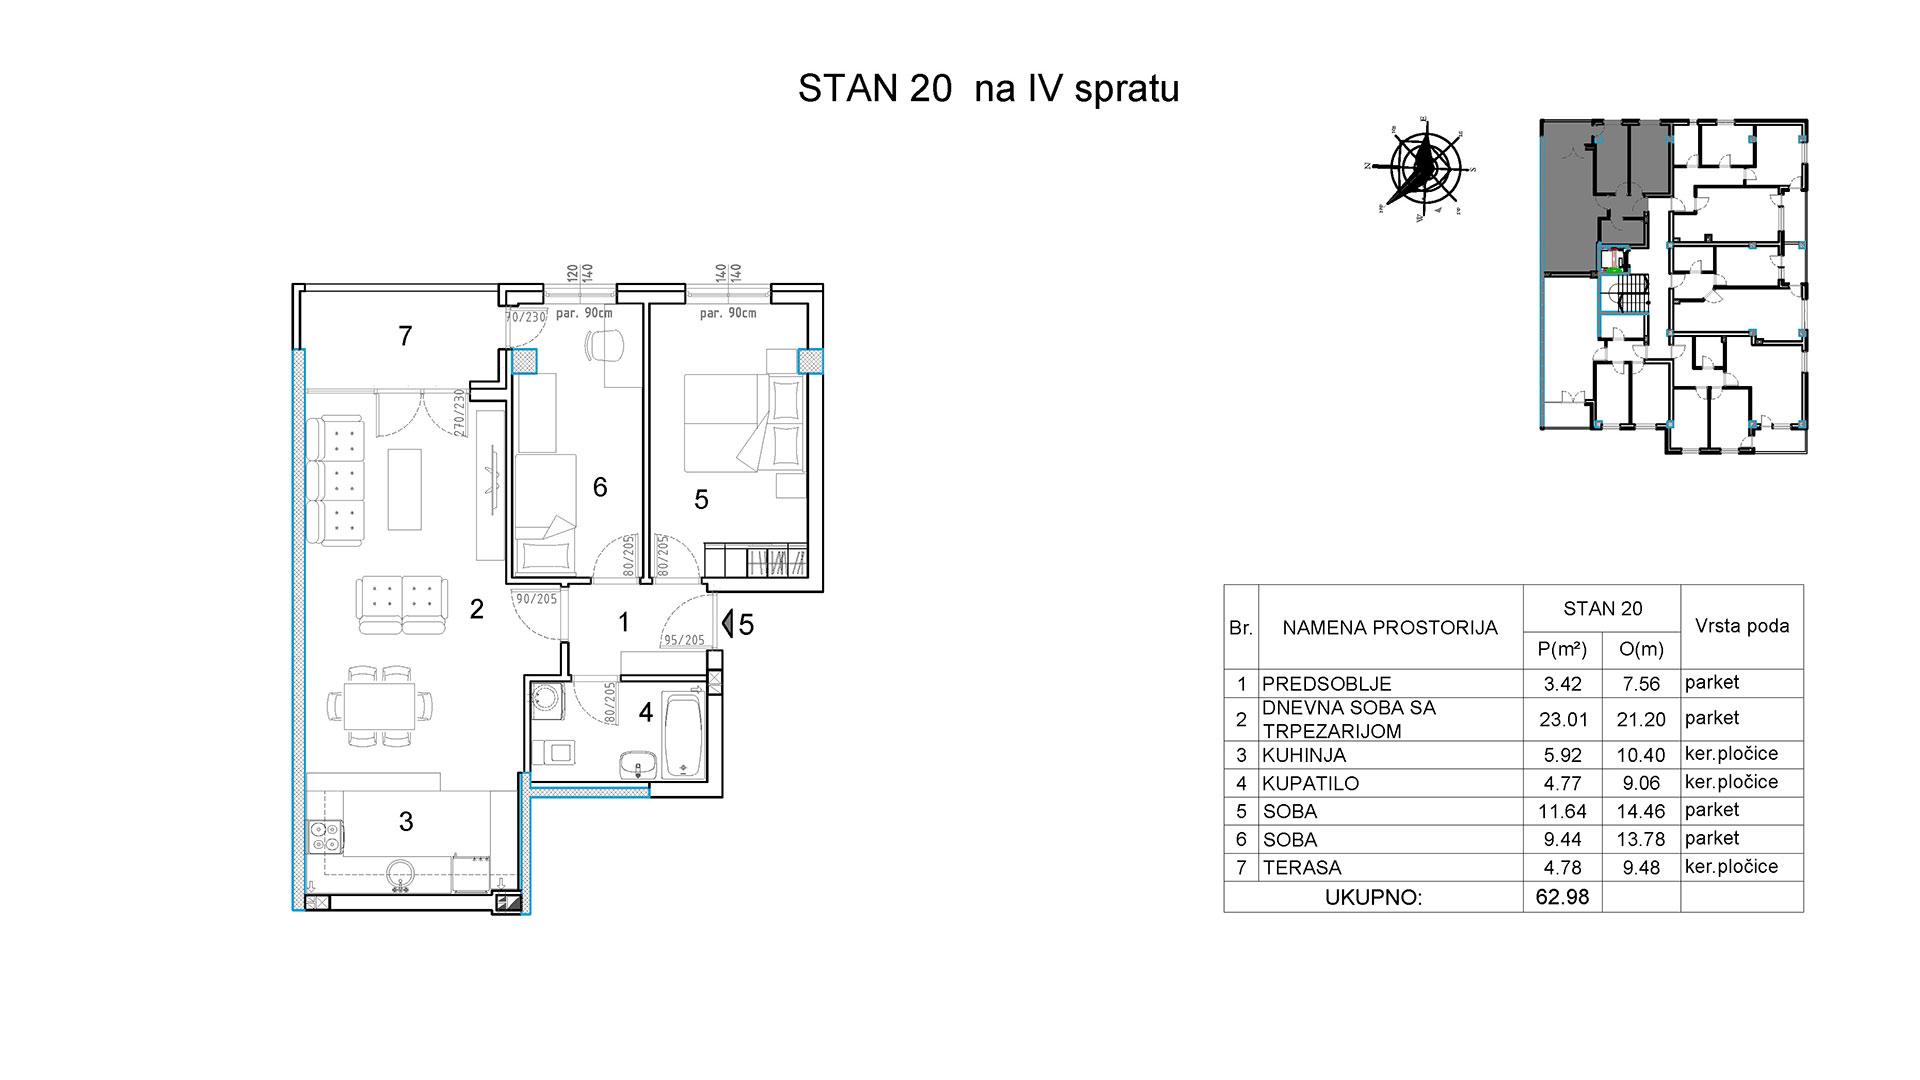 Objekat u Borivoja Stevanovica bb - Stan 20